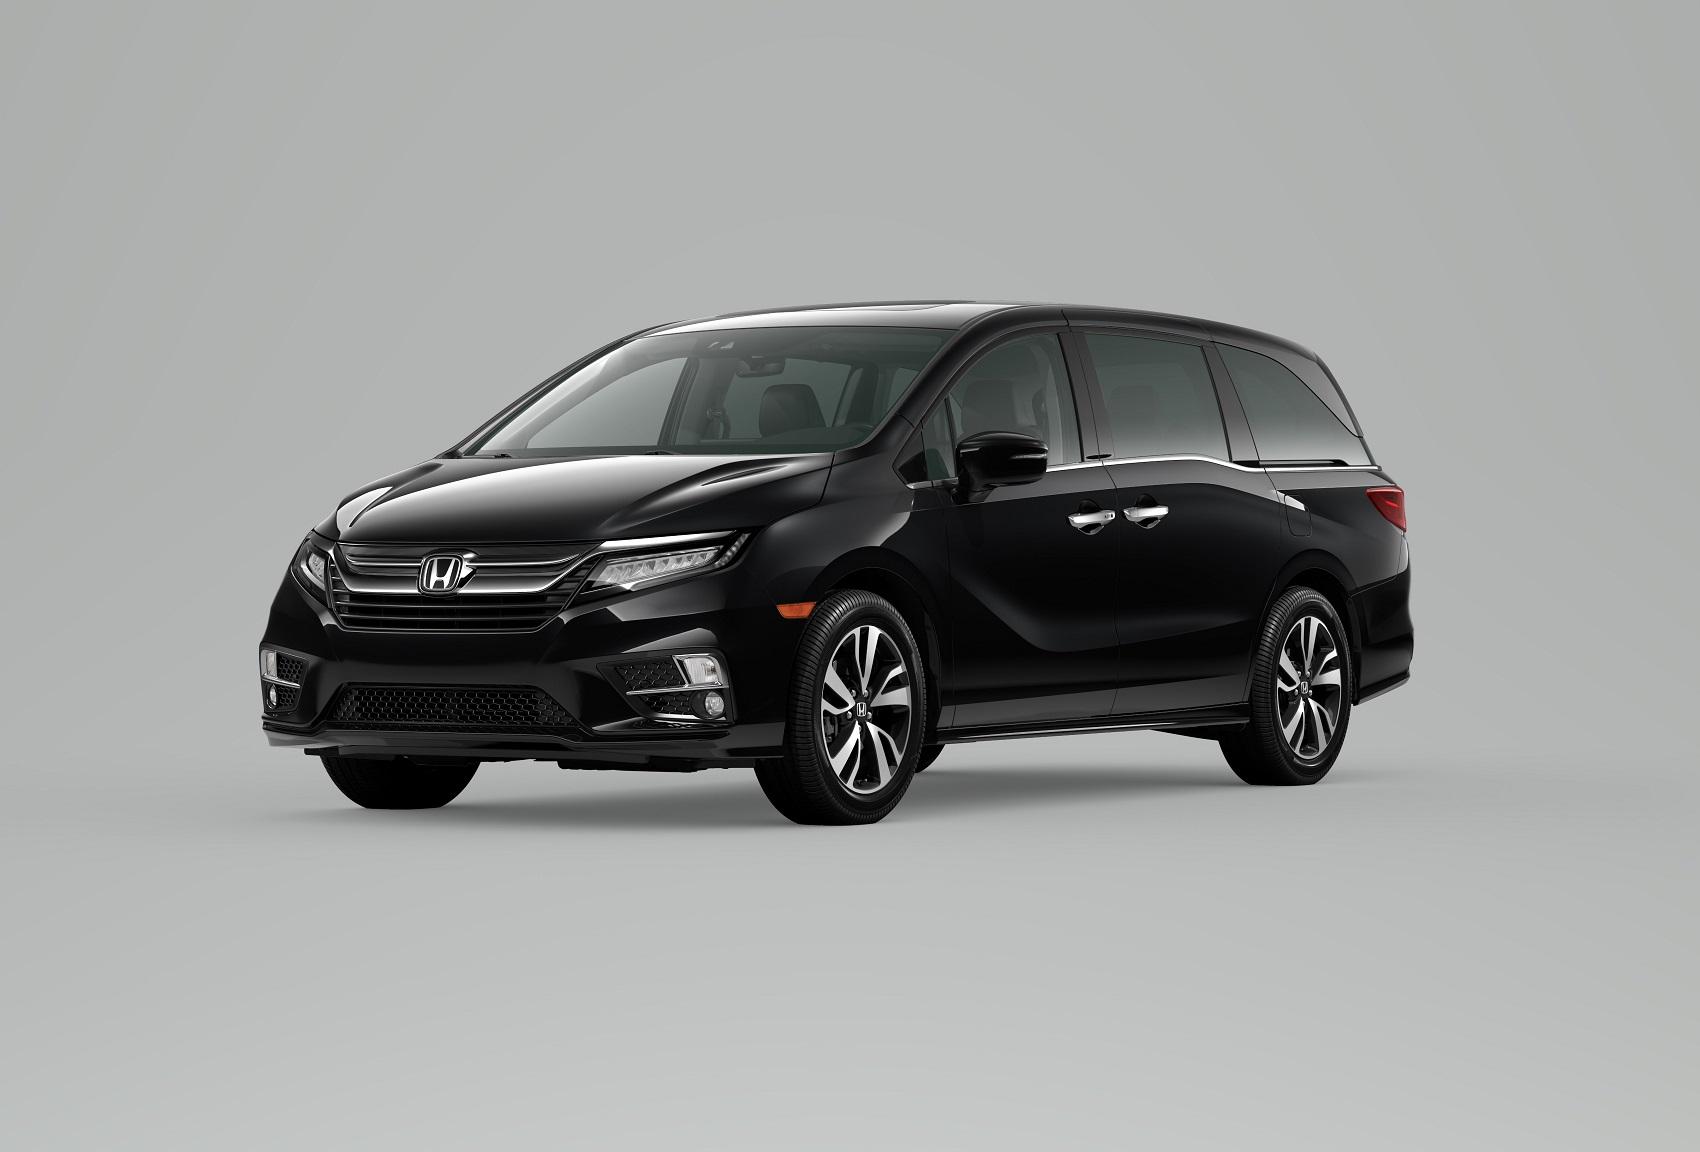 2020 Honda Odyssey Black